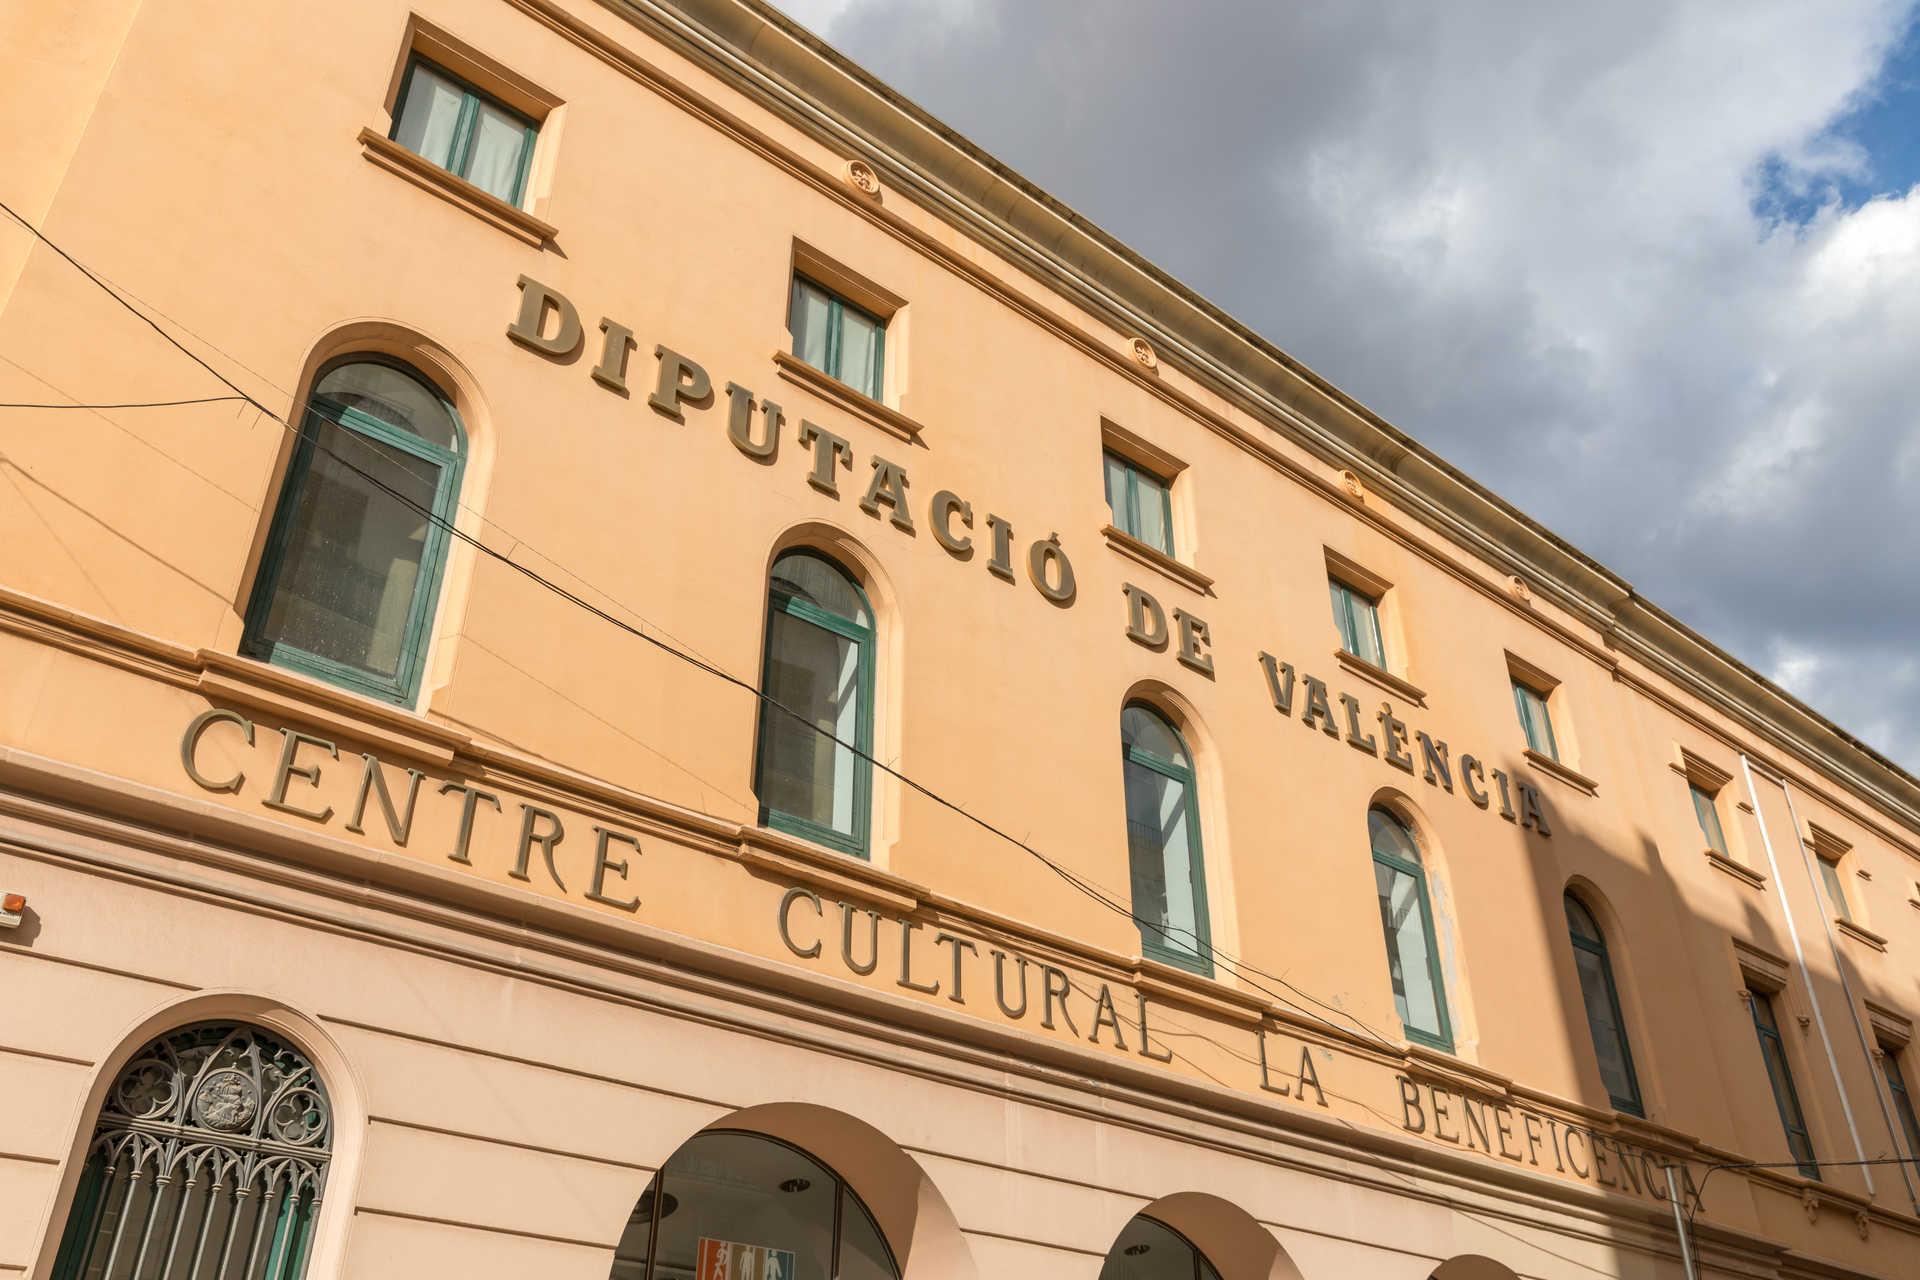 Casa de la Beneficencia. Musée de Préhistoire et des cultures de Valencia